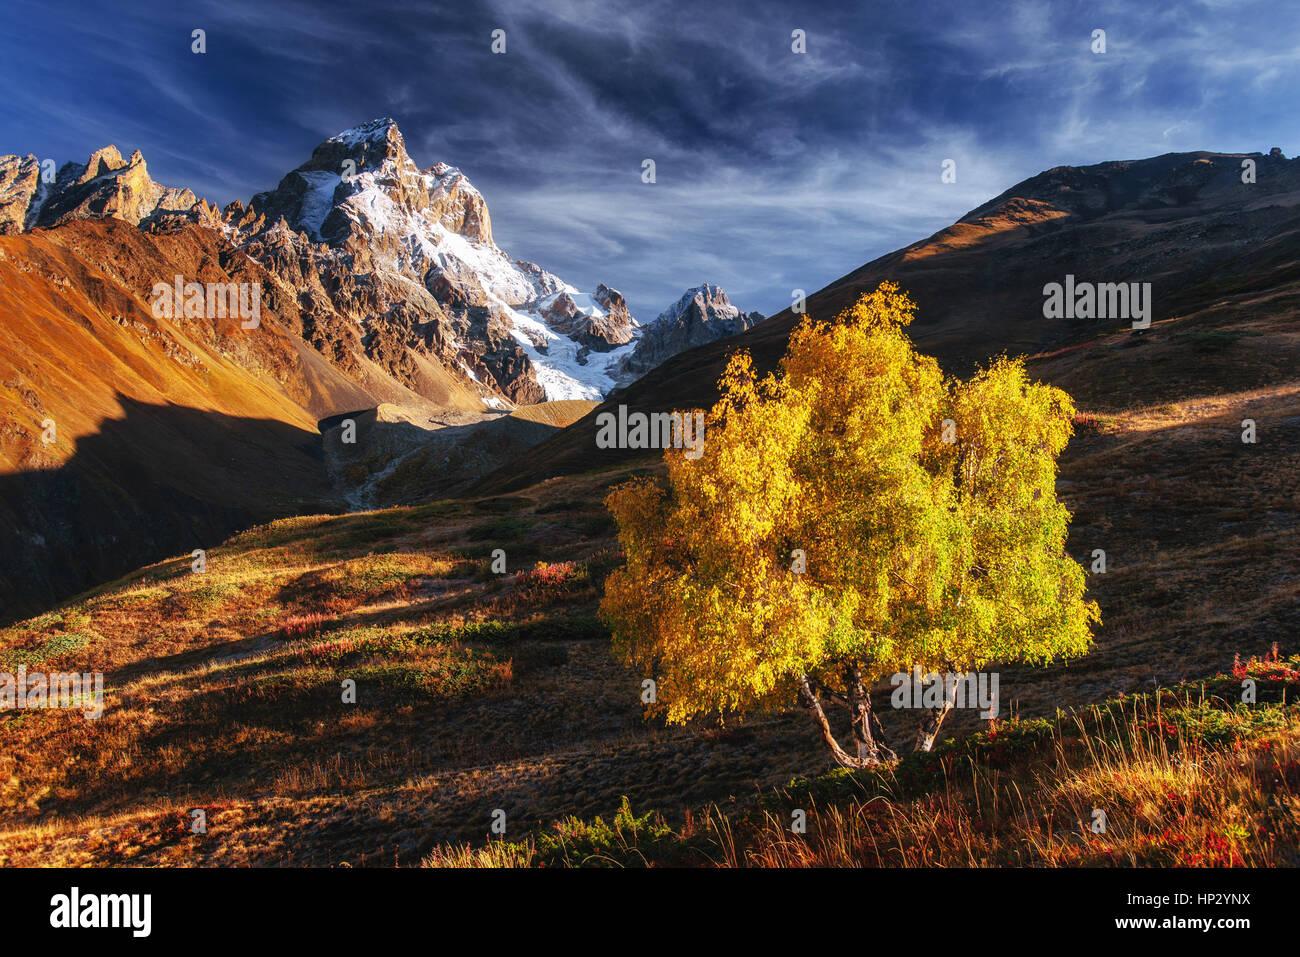 Herbstlandschaft und schneebedeckten Gipfeln in der Sonne. Stockbild